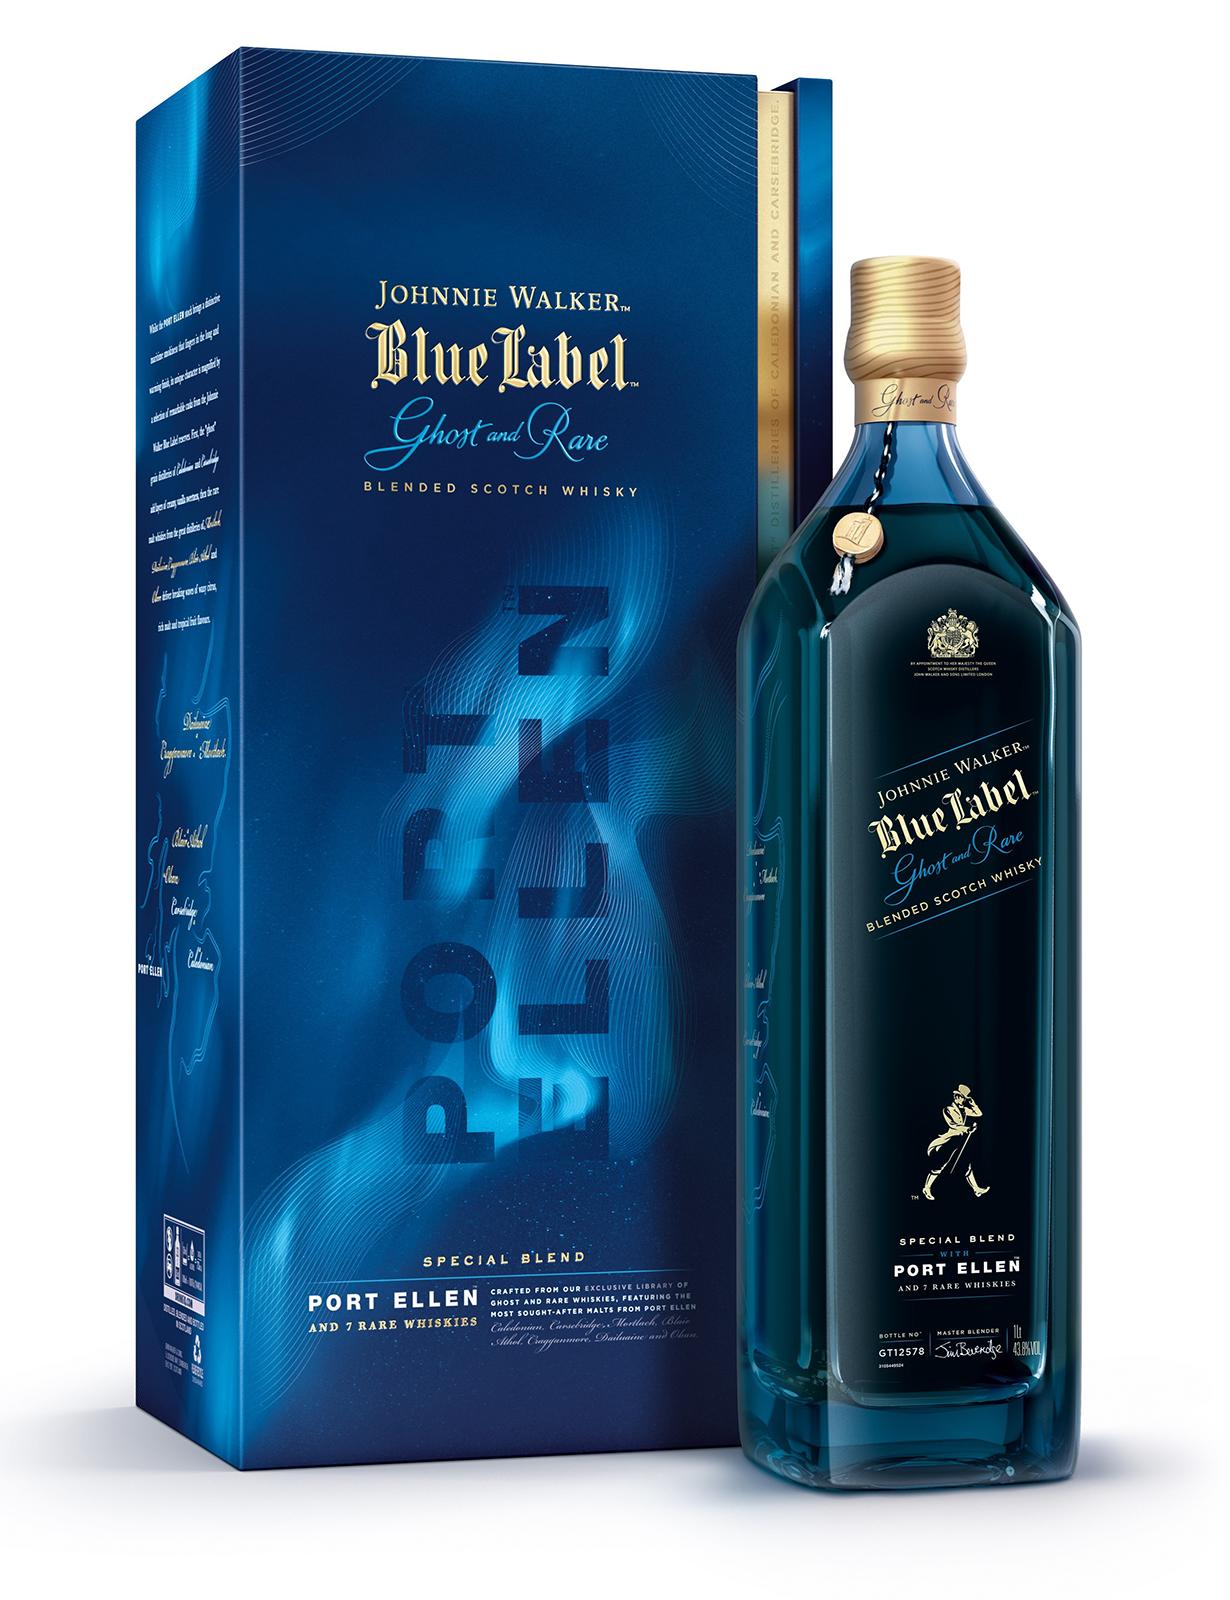 Edición limitada de Johnnie Walker Blue Label Ghost and Rare Port de La Bodega de Méndez y tiendas seleccionadas, del Master Blender Jim Beveridge hecho con ocho de los whiskys más complejos de cuatro rincones de Escocia. (Suministrada)